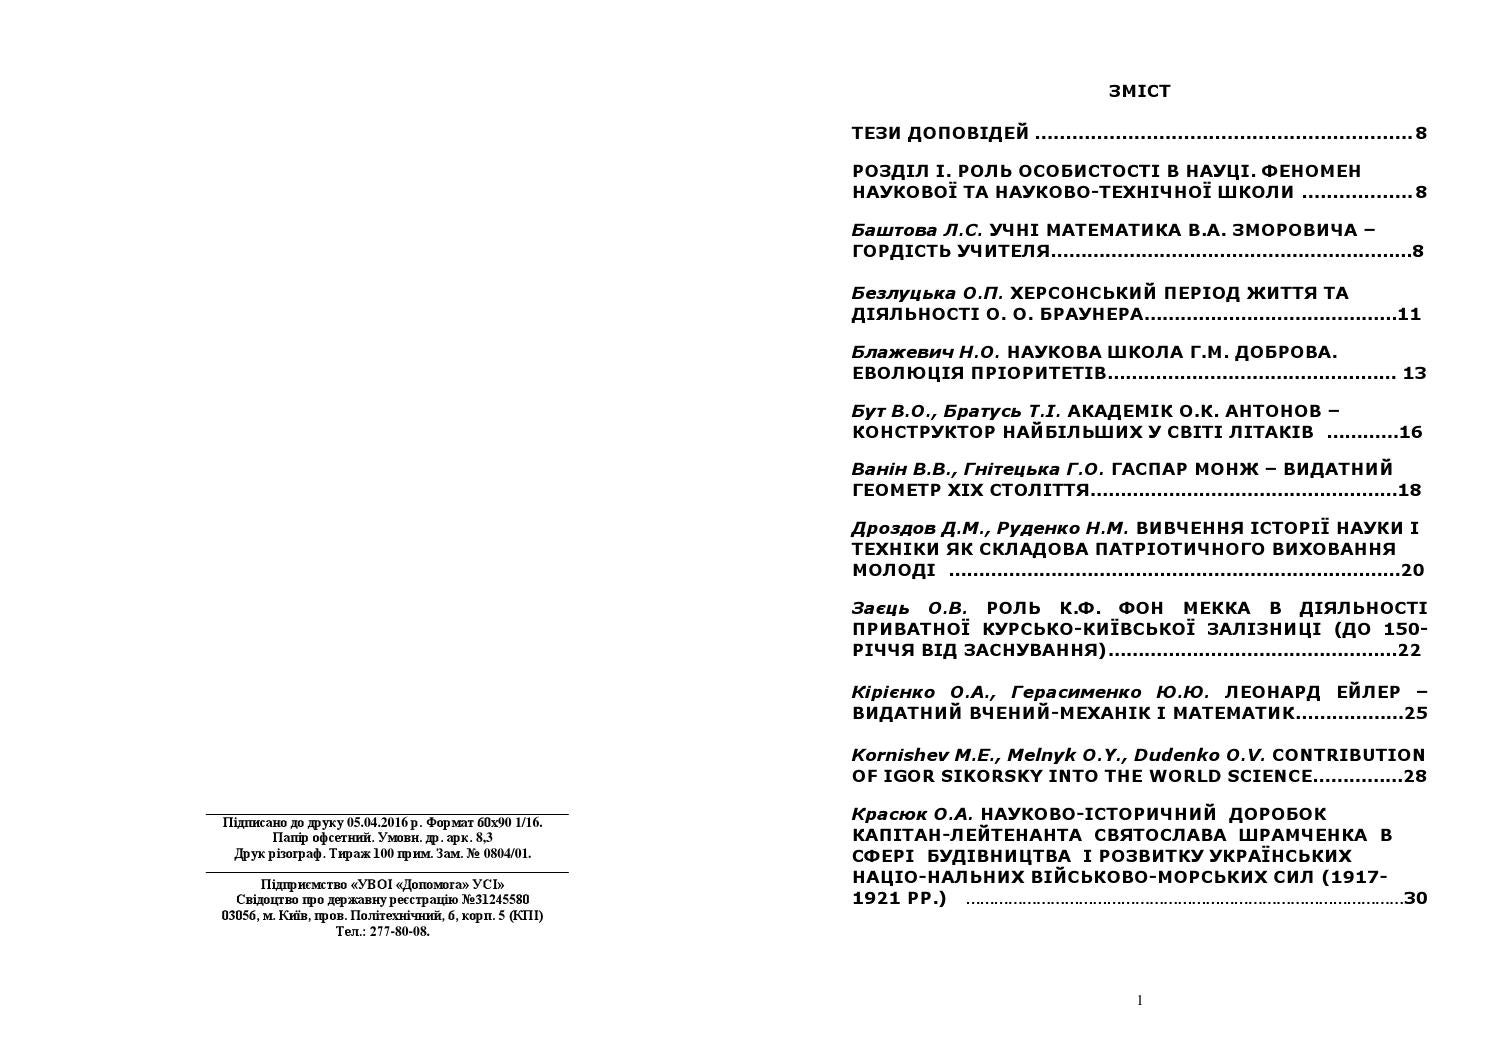 Збірник праць XIV Міжнародної молодіжної науково-практичної конференції  «Історія розвитку by Alex Udovenko - issuu f9e31d85efdc2